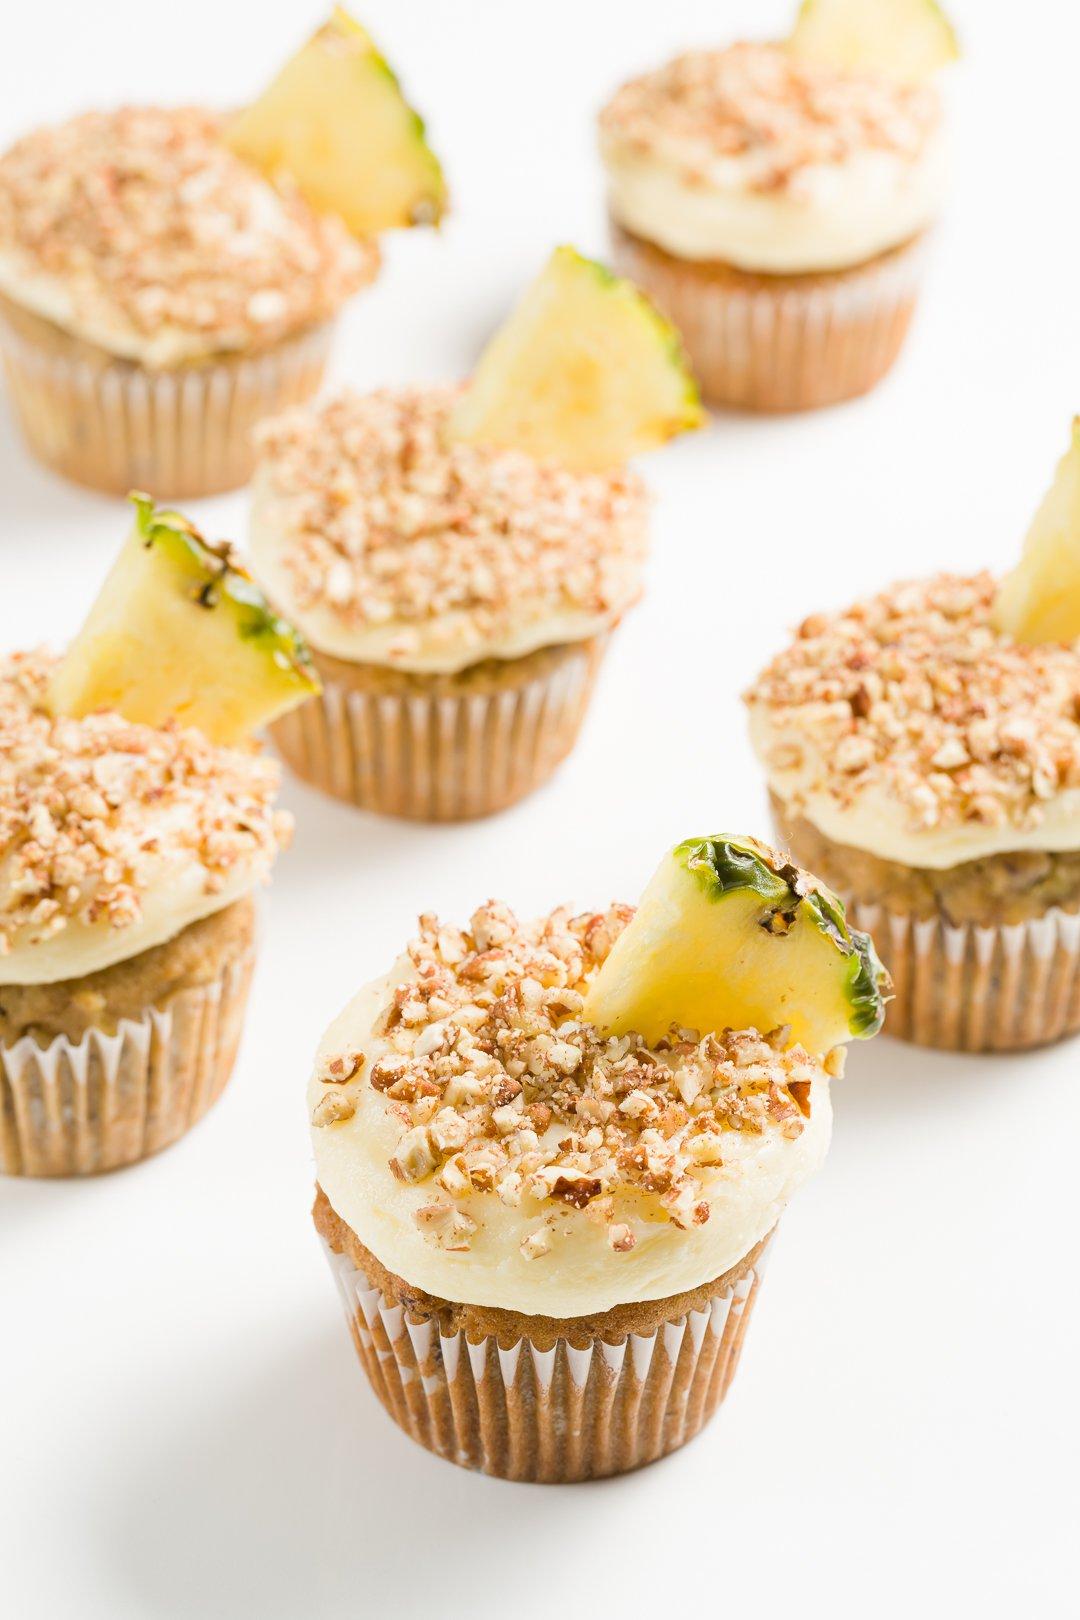 A group of hummingbird cupcakes